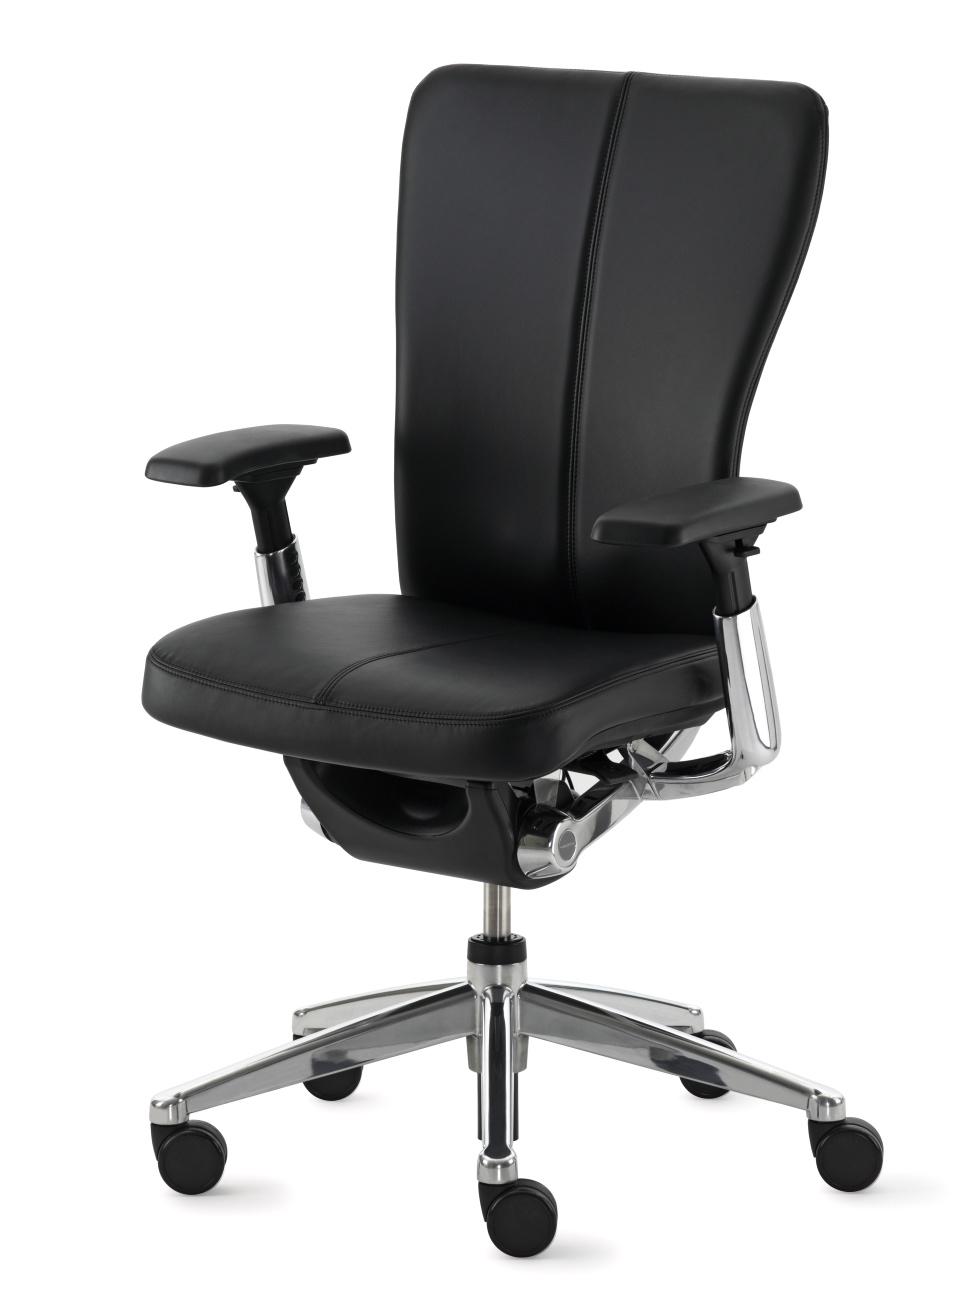 Siège de travail ergonomique avec assise rembourrée noire Zody par Haworth (face)